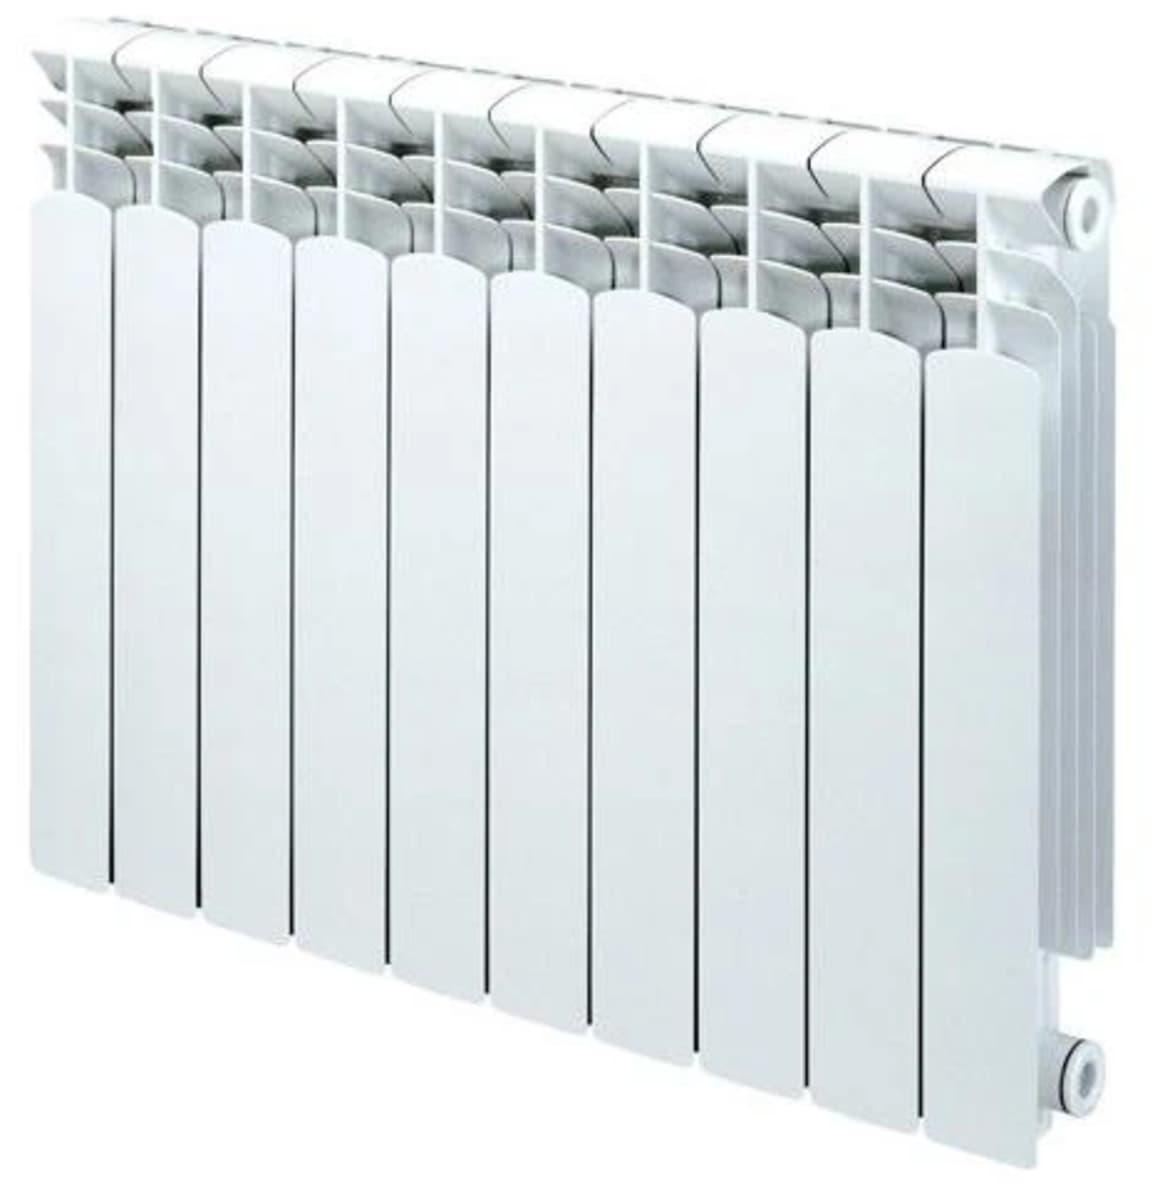 Радиаторы sira (сира): биметаллические и алюминиевые, технические характеристики и отзывы